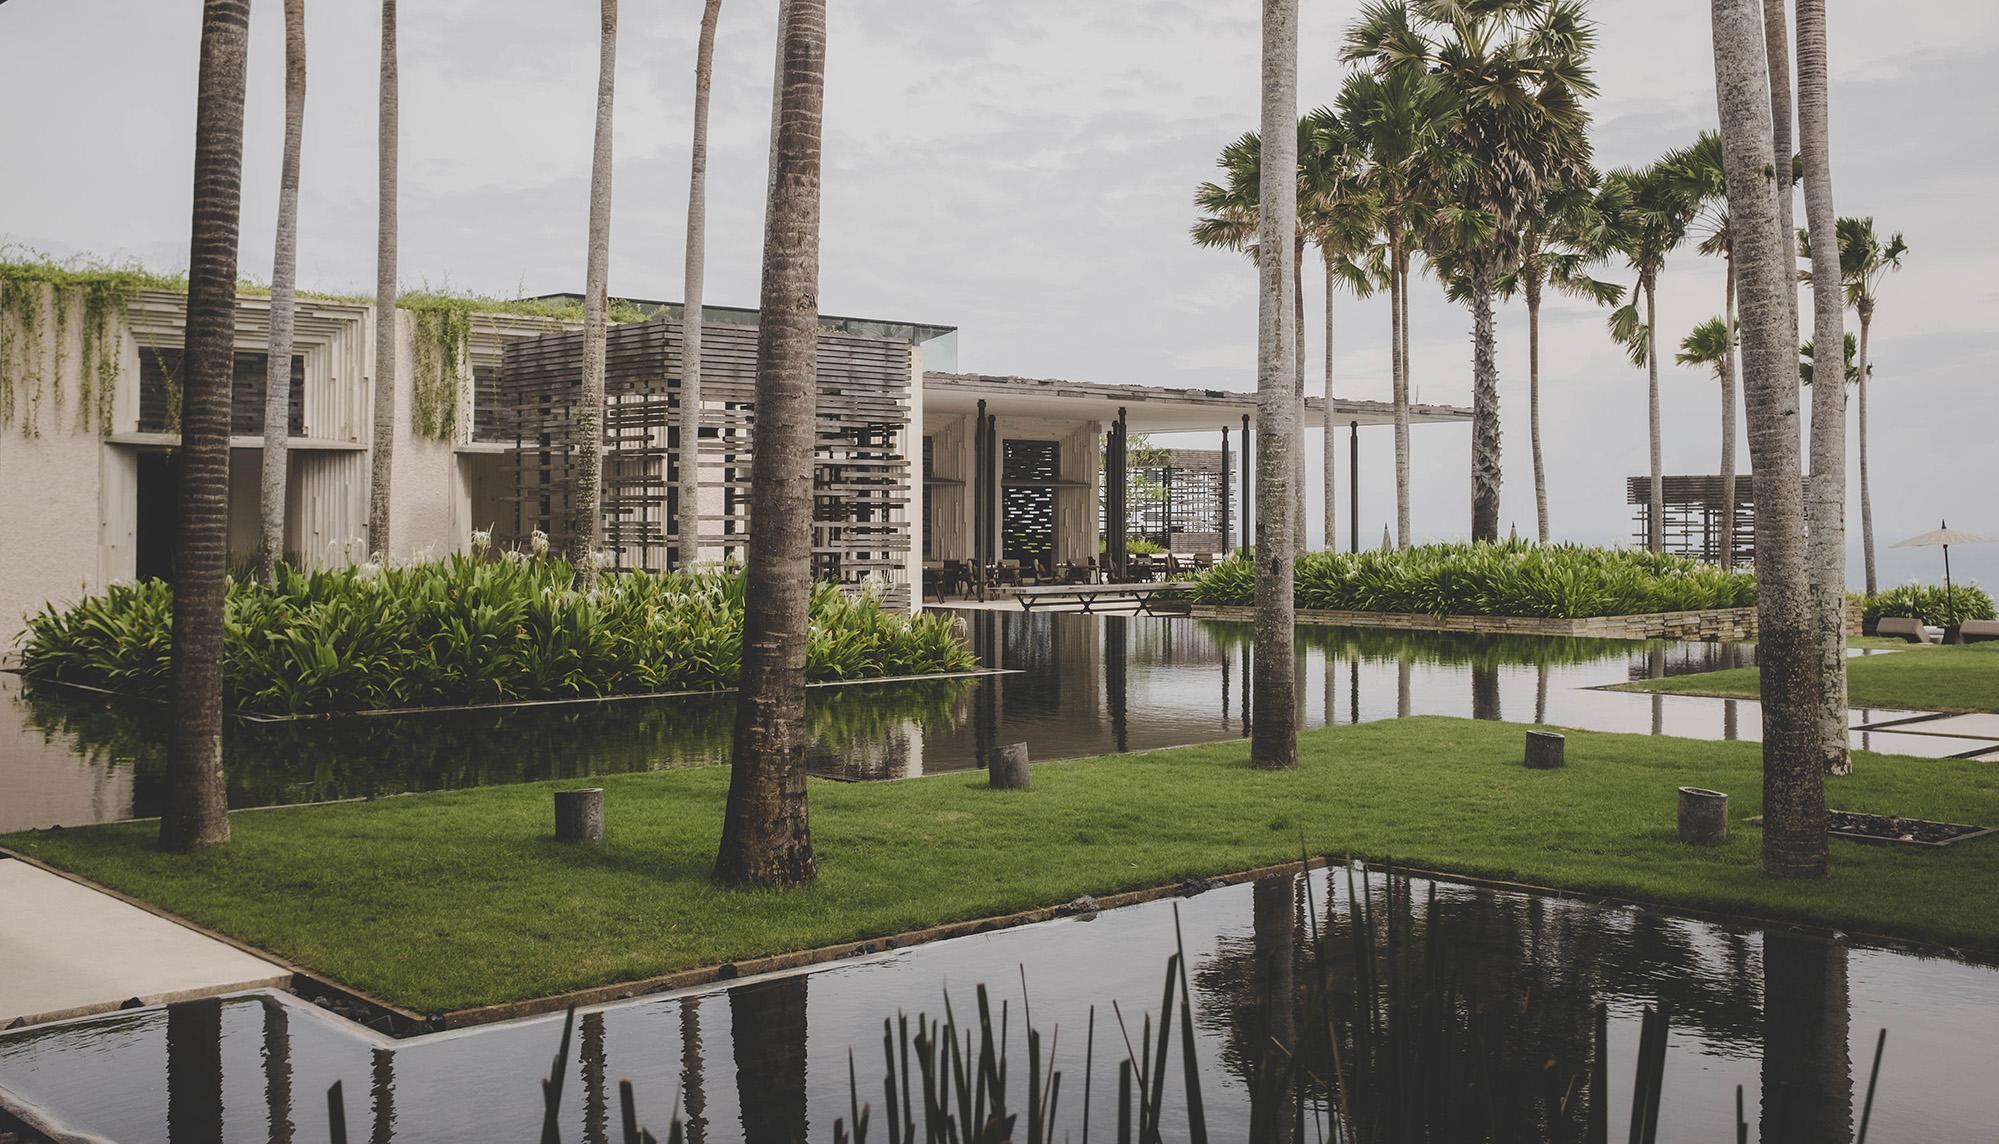 2017-04-Alila-Villas-Uluwatu - alila-villas-uluwatu-bali-nectarandpulse-architecture-10.jpg